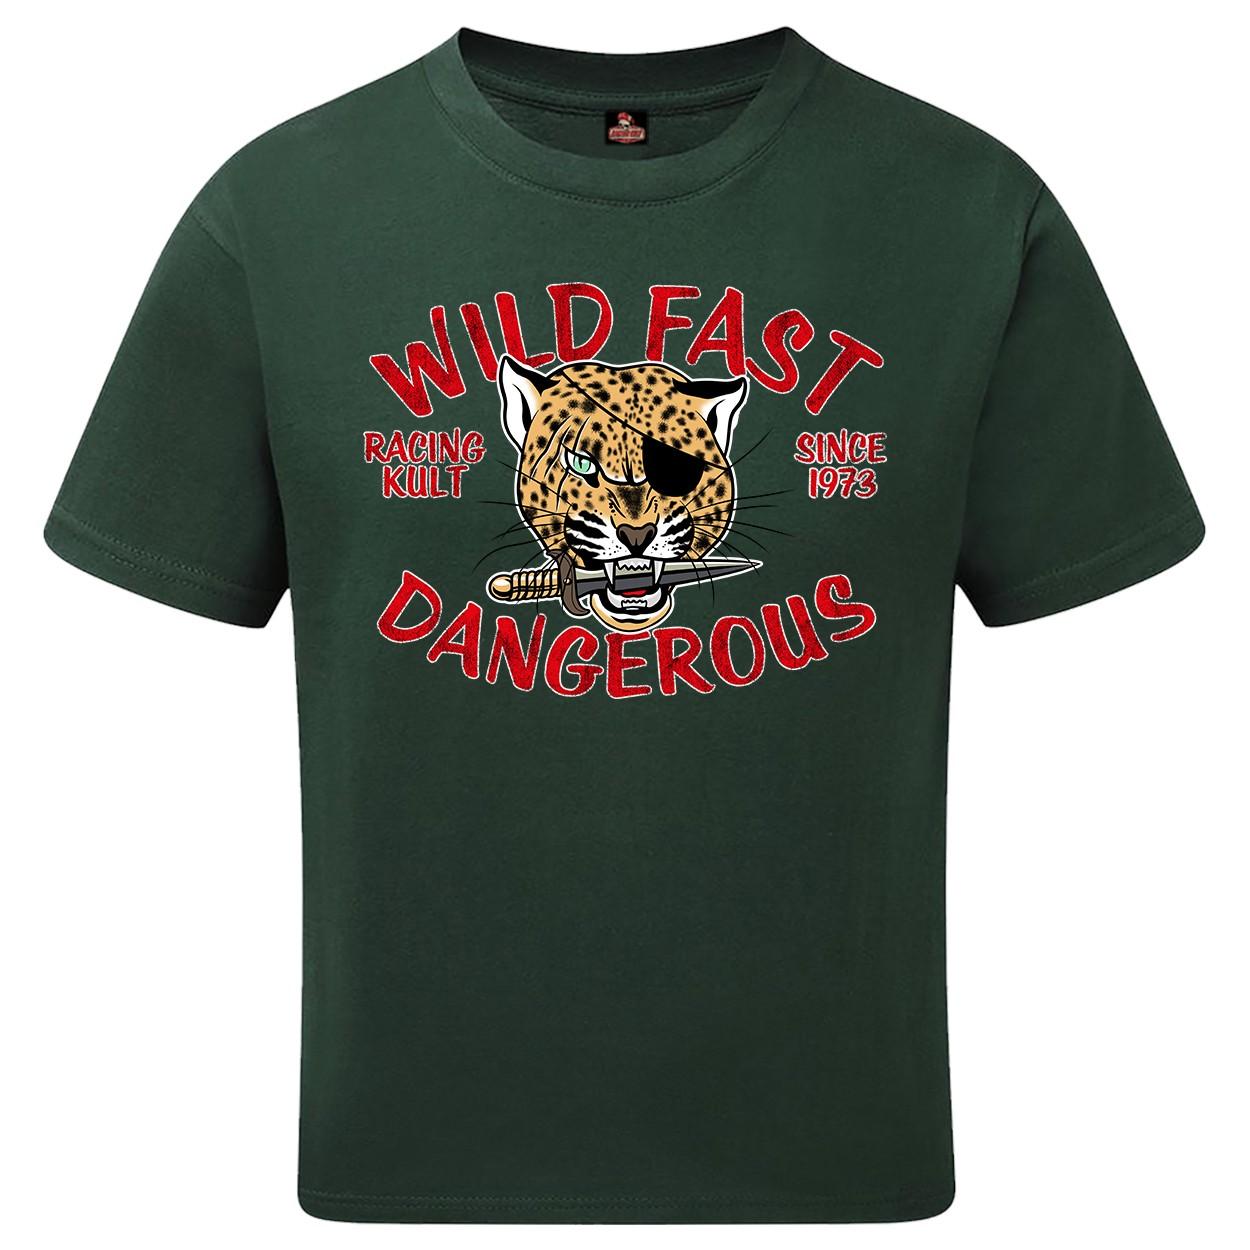 Racing Kult Unisex Kinder T-Shirt Wild Fast Dangerous Flaschengrün